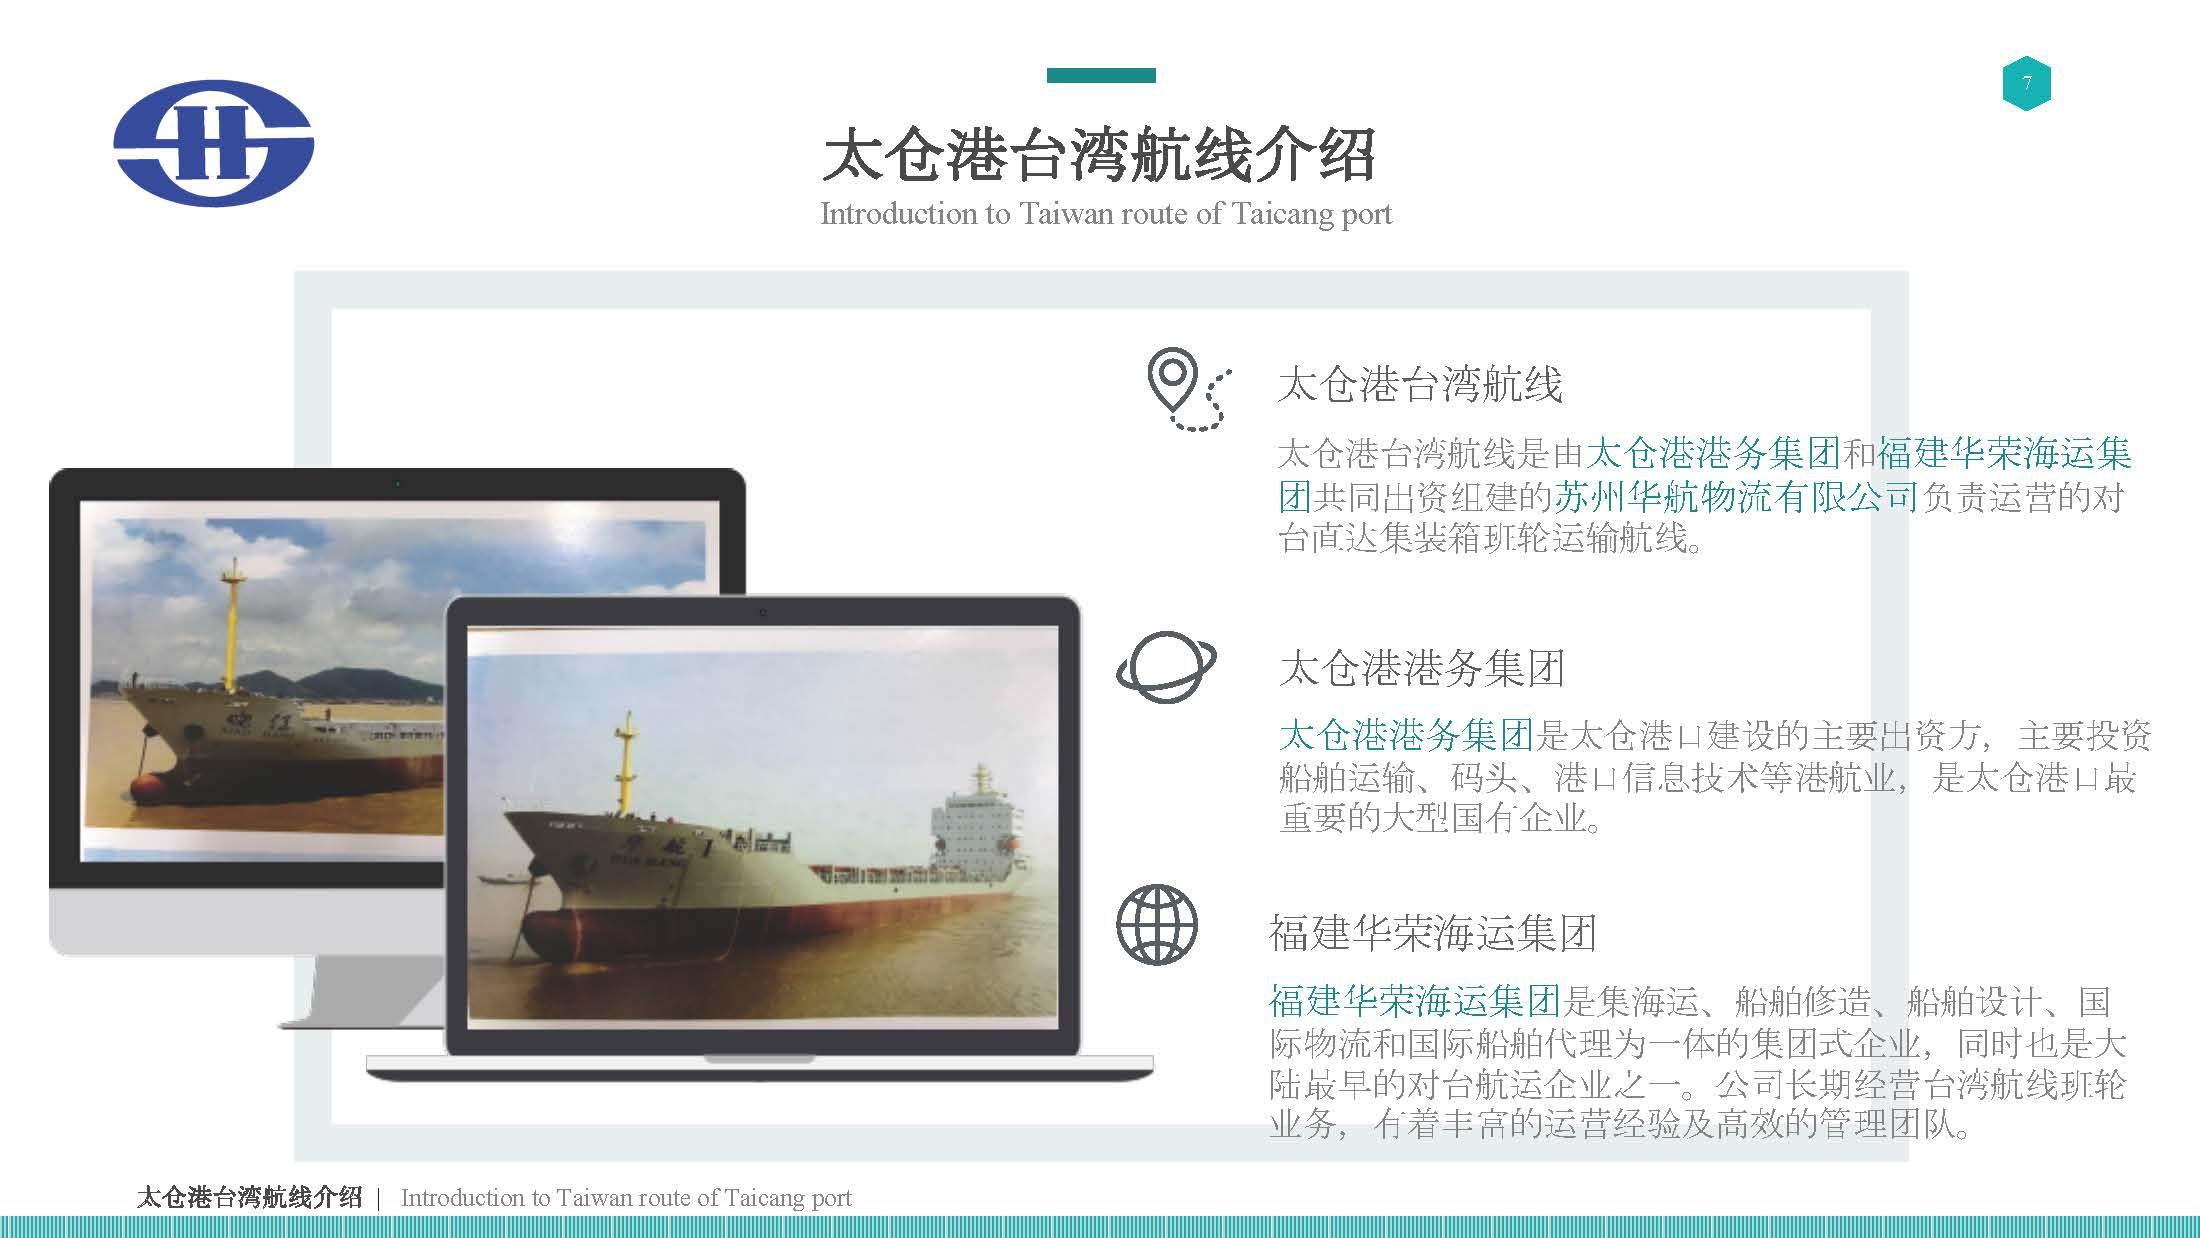 蘇州華航資料_頁面_04